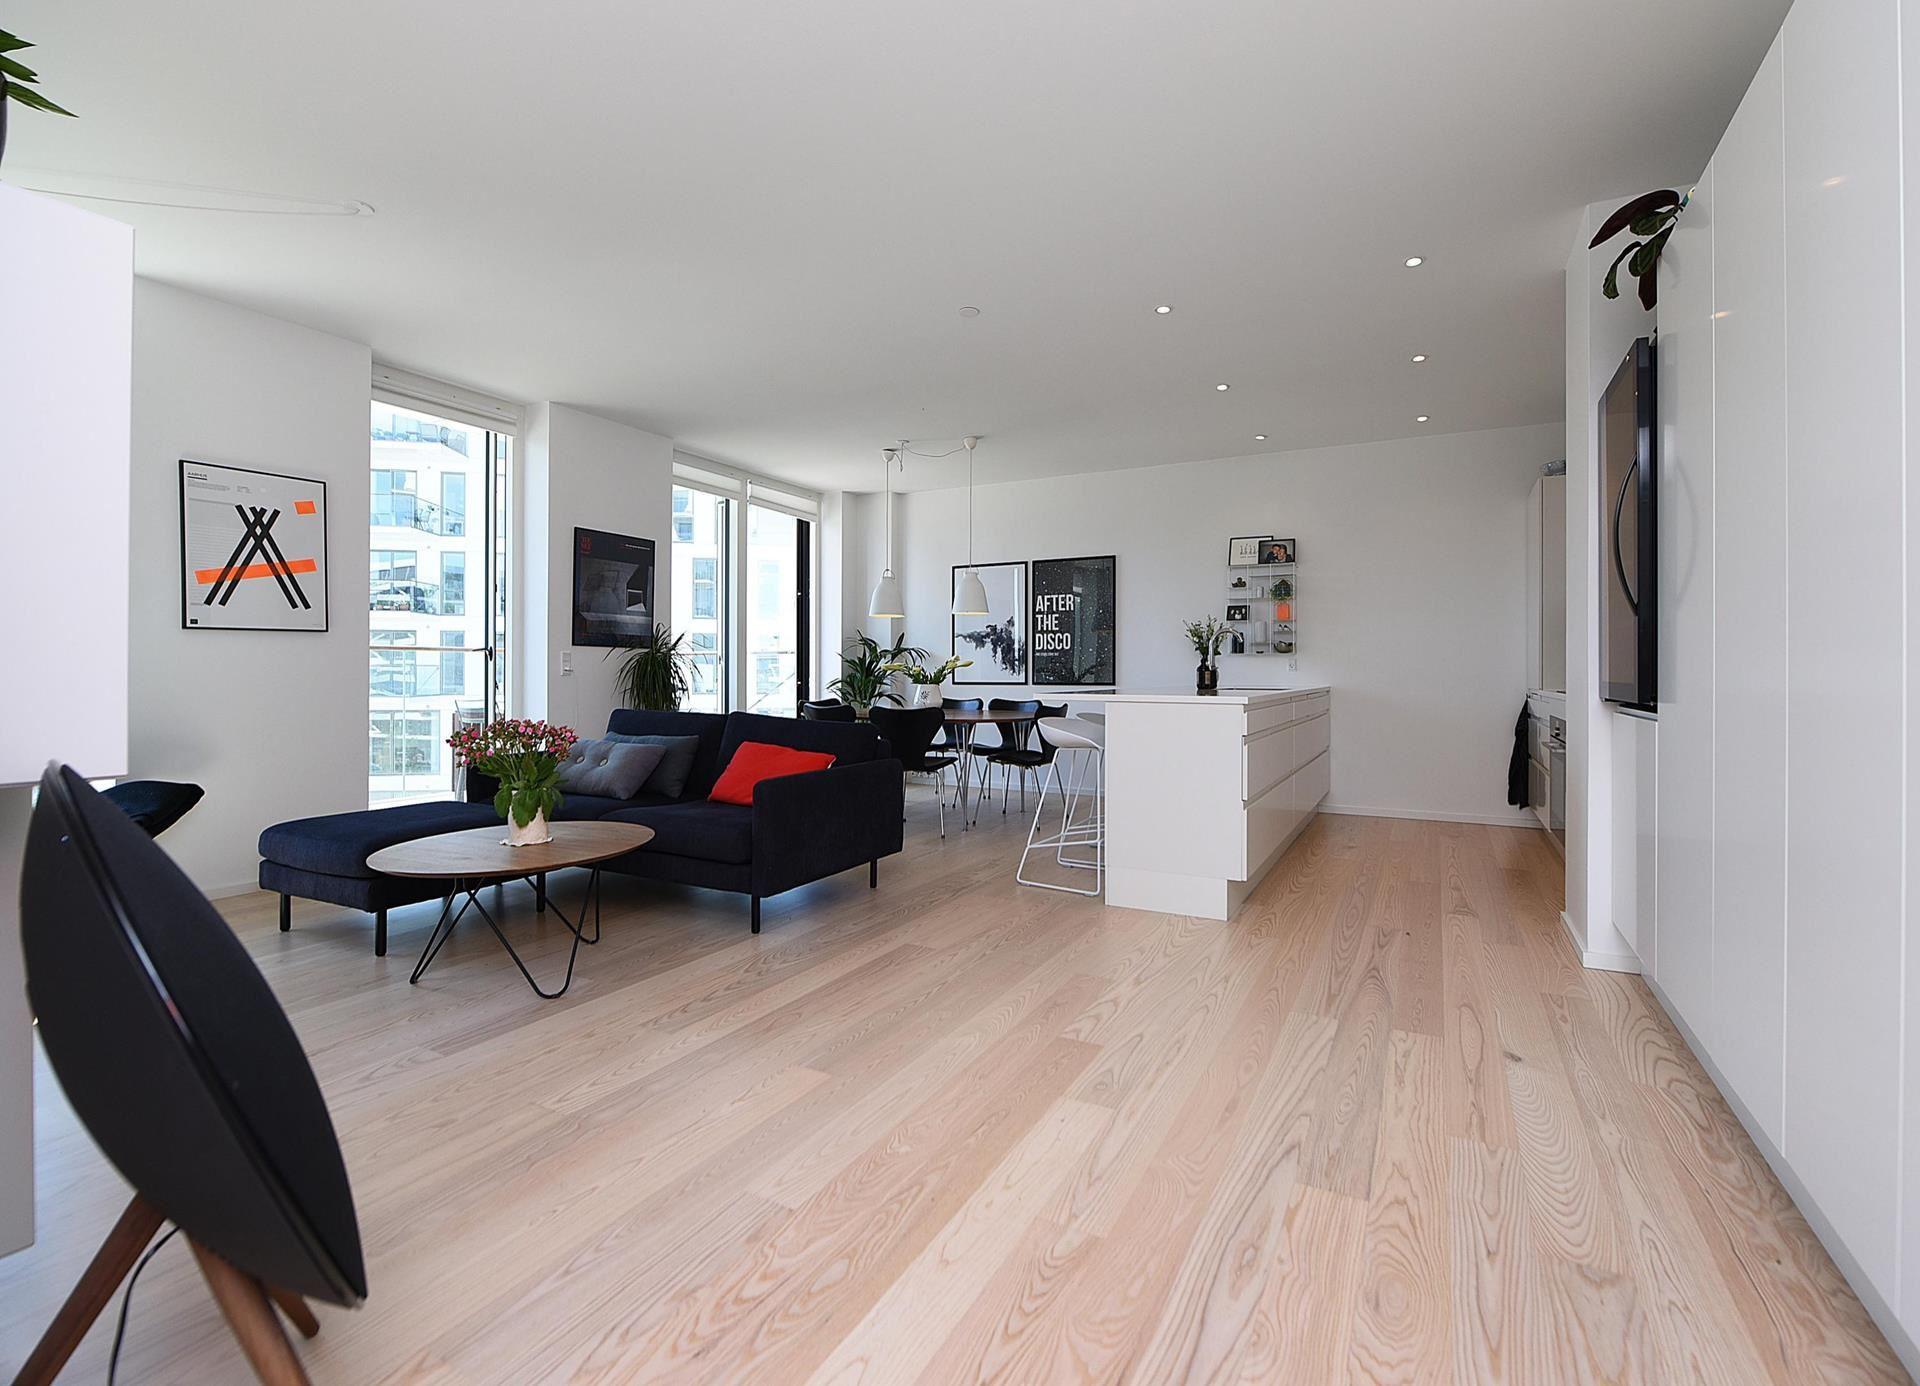 Bernhardt Jensens Boulevard 117, 4. 3., 8000 Aarhus C